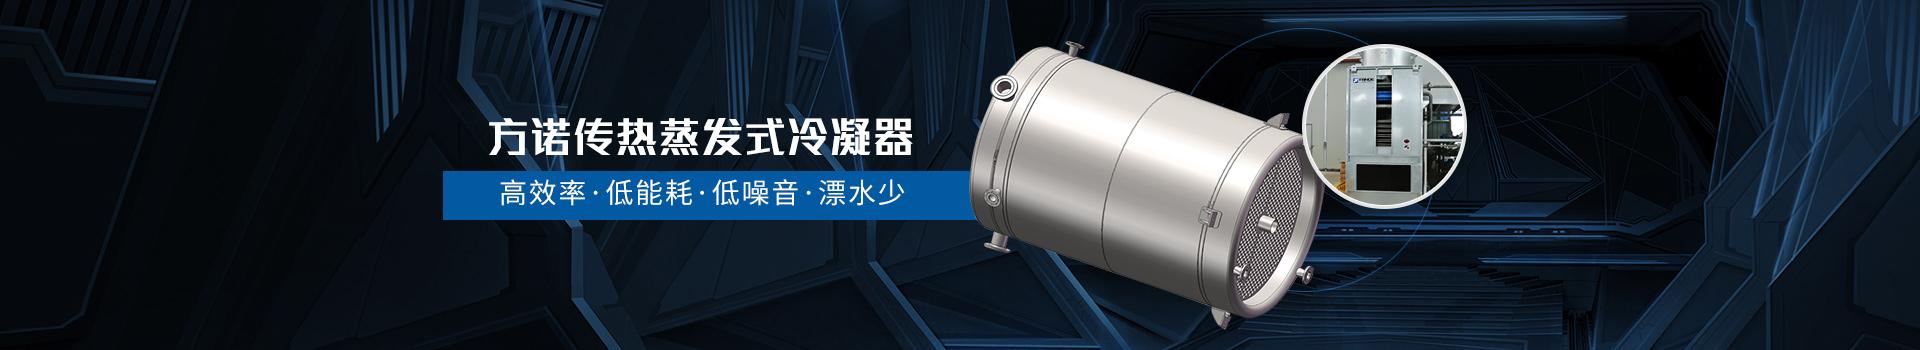 方诺蒸发式冷凝器:高效率、低能耗,低噪音,漂水少